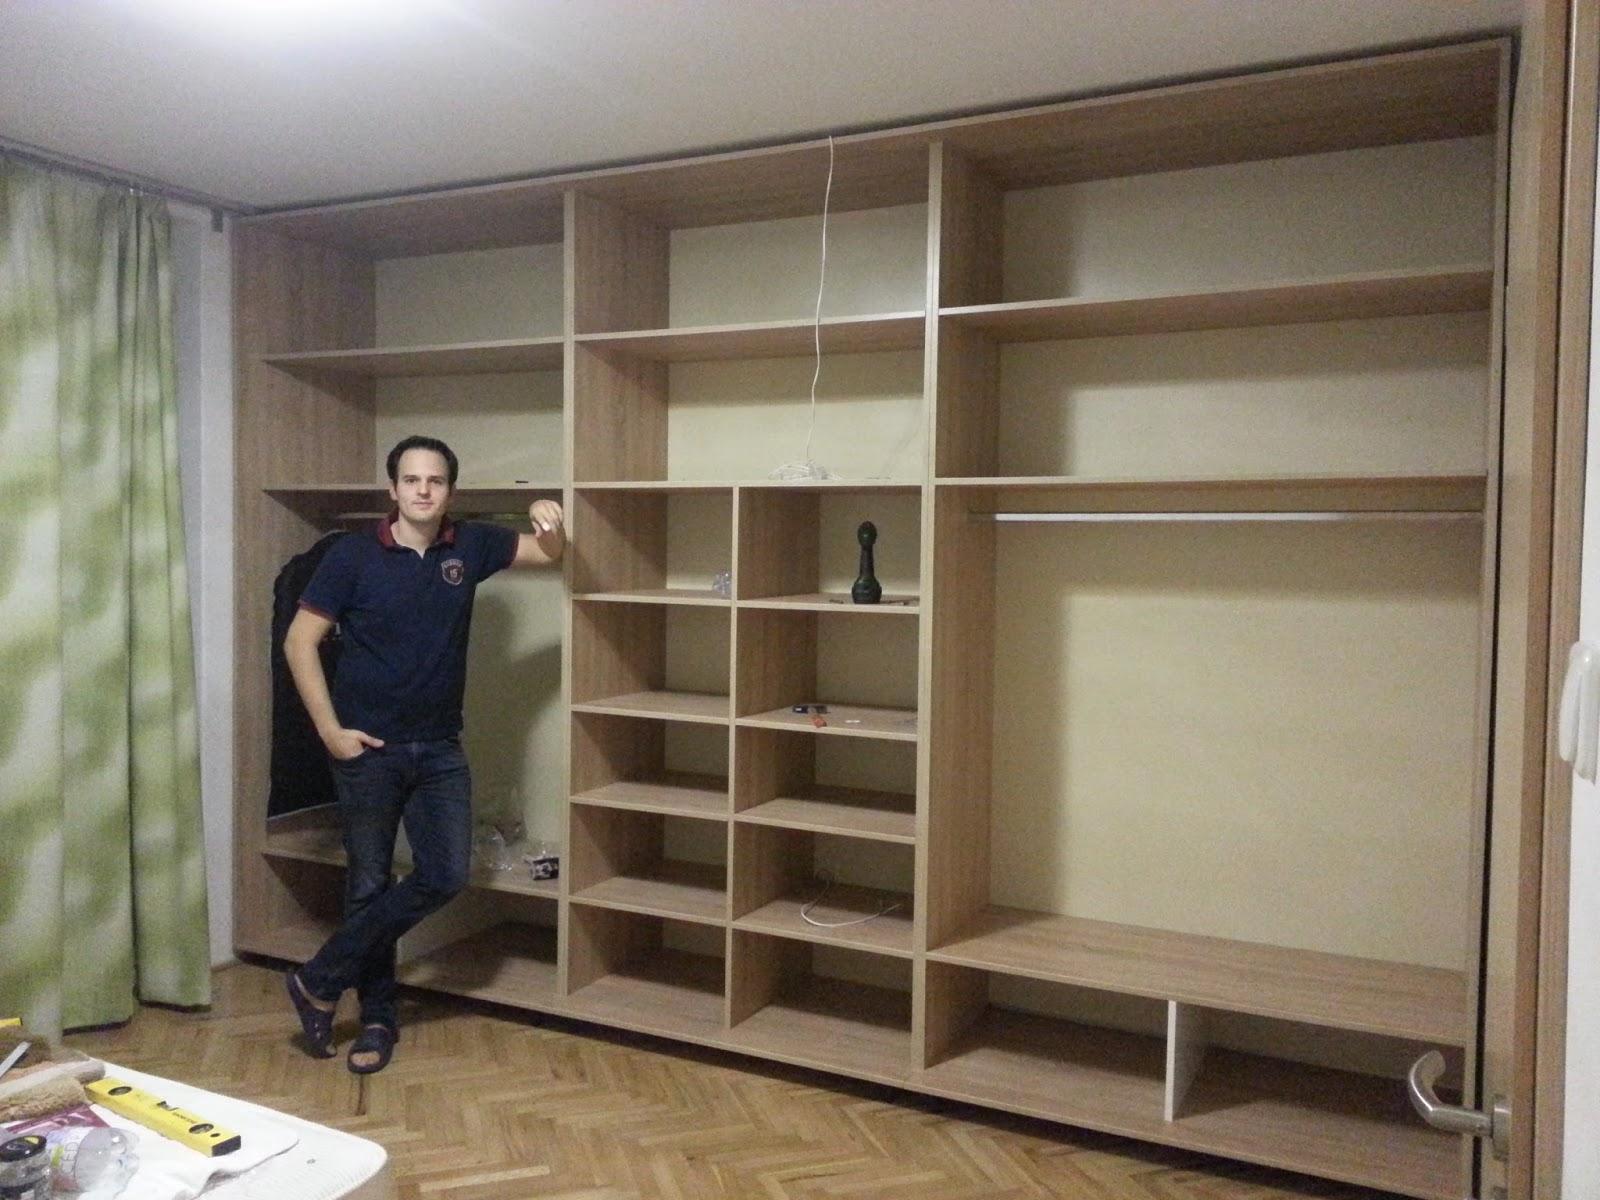 Az elkészült szekrény és a botcsinálta asztalos de17c7d808